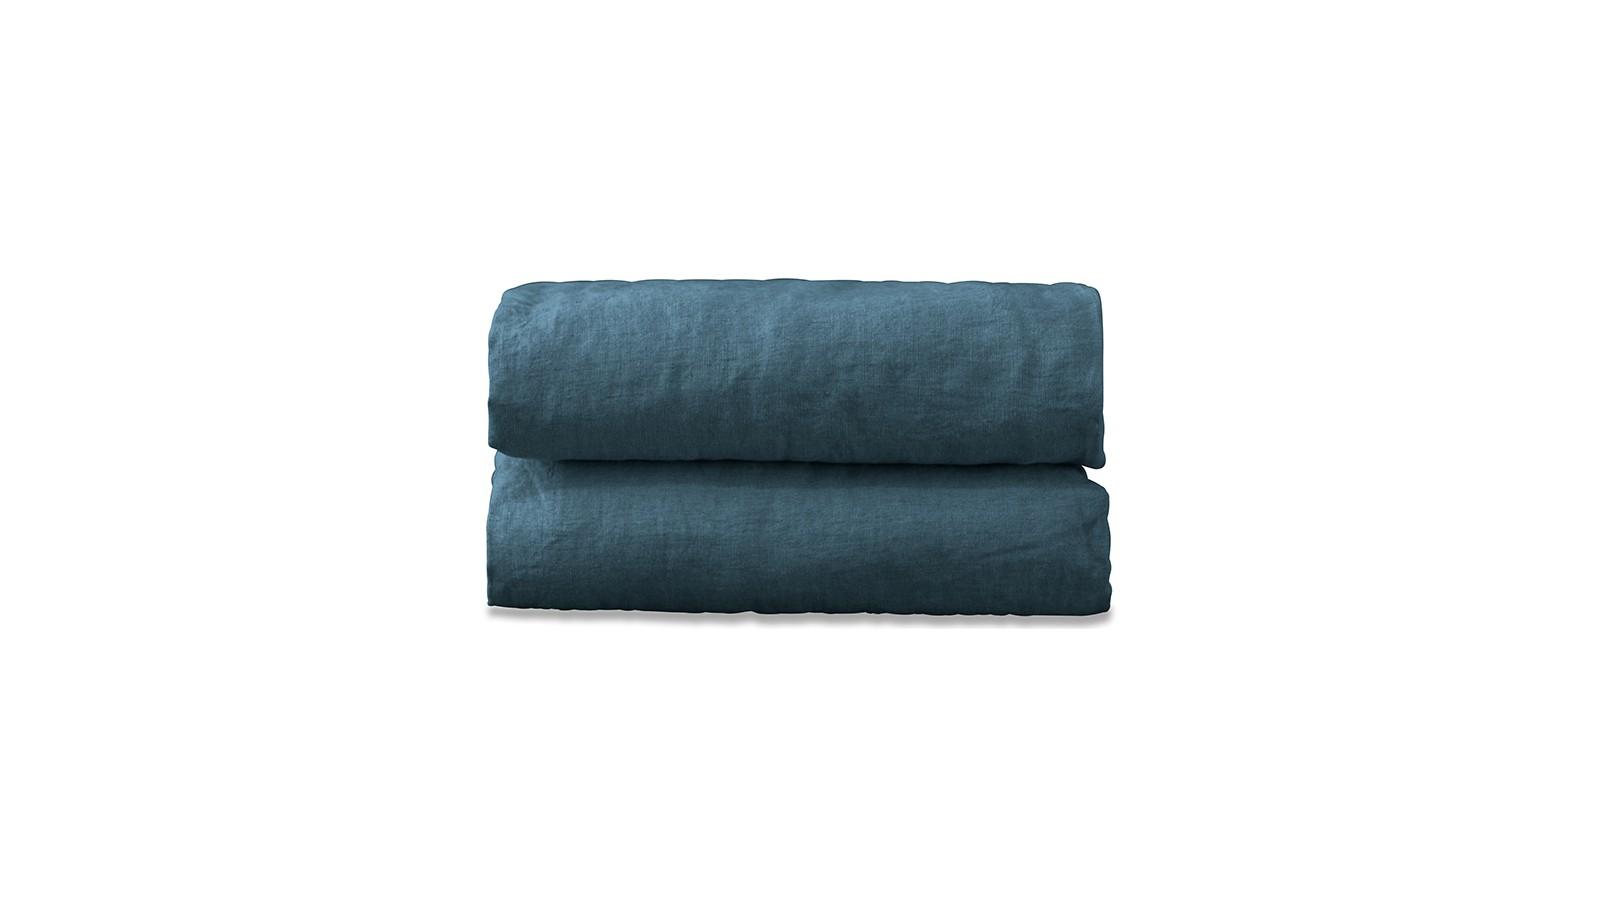 Drap housse 2 personnes en lin lavé uni Bleu Pétrole